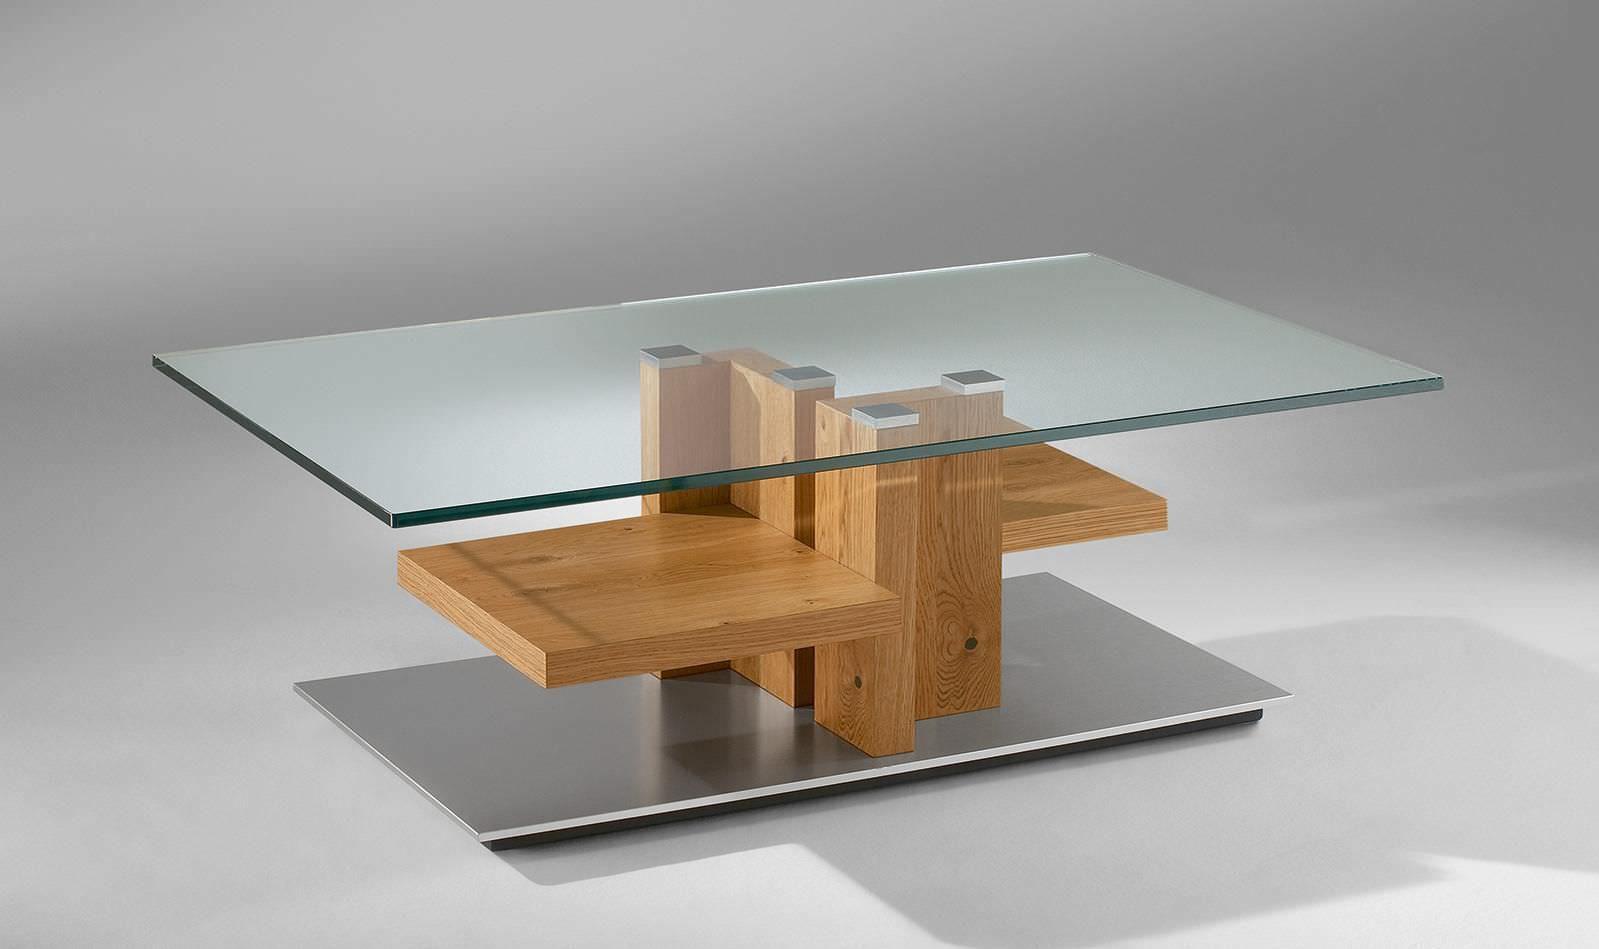 Nett Couchtisch Holz Glasplatte Couchtisch Holz Couchtisch Glas Couchtisch Massivholz